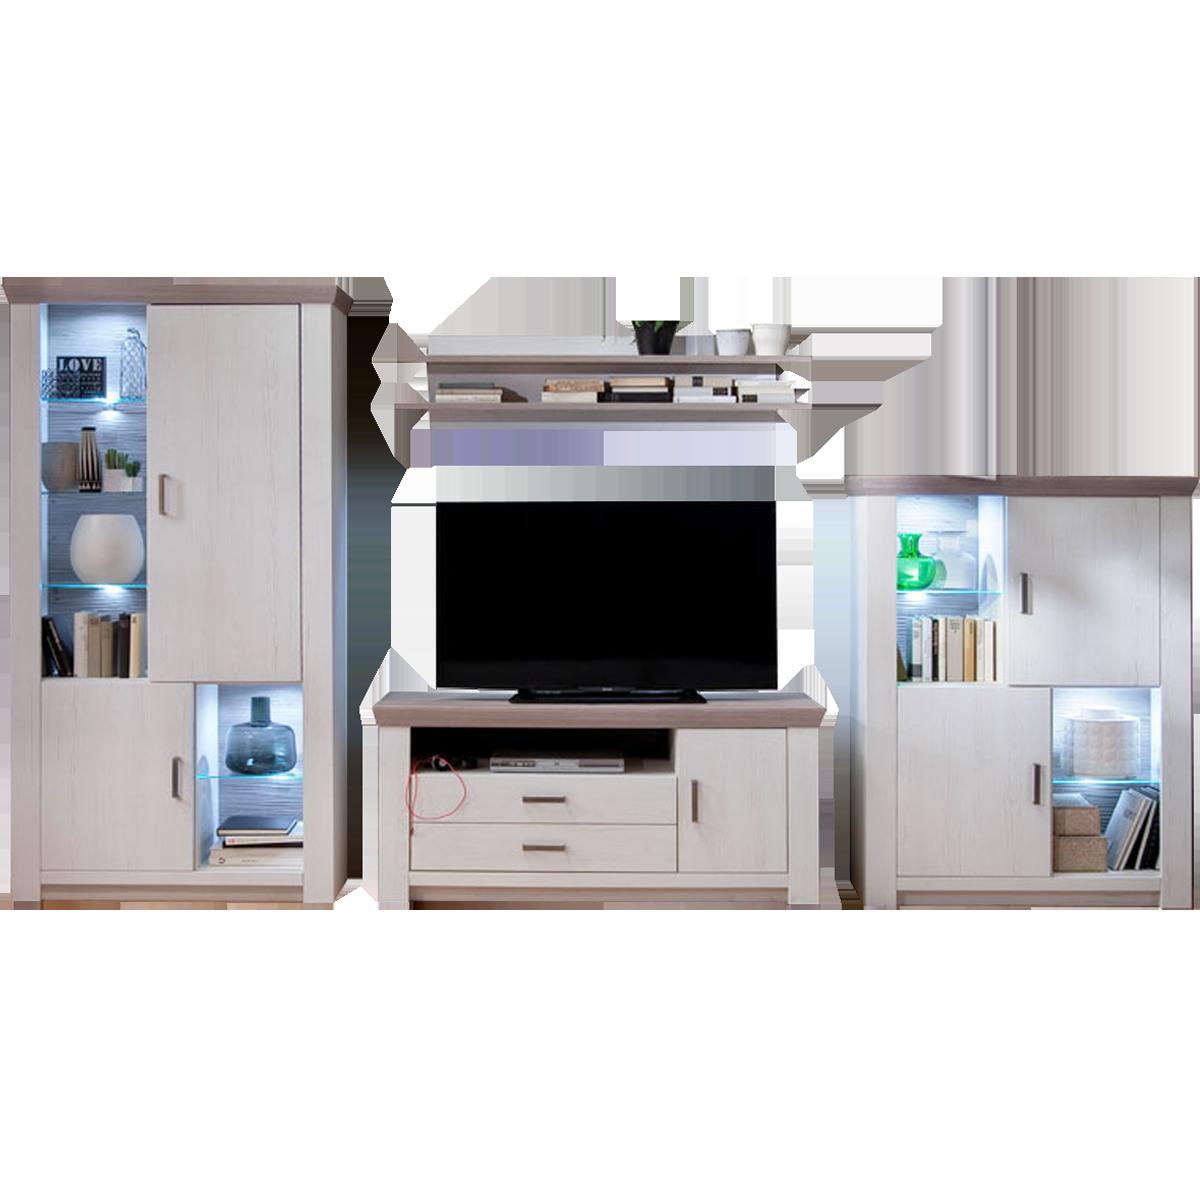 Mca Furniture Wohnwand 2 Bozen 4 Teilig Pinie Aurelio Nelson Eiche